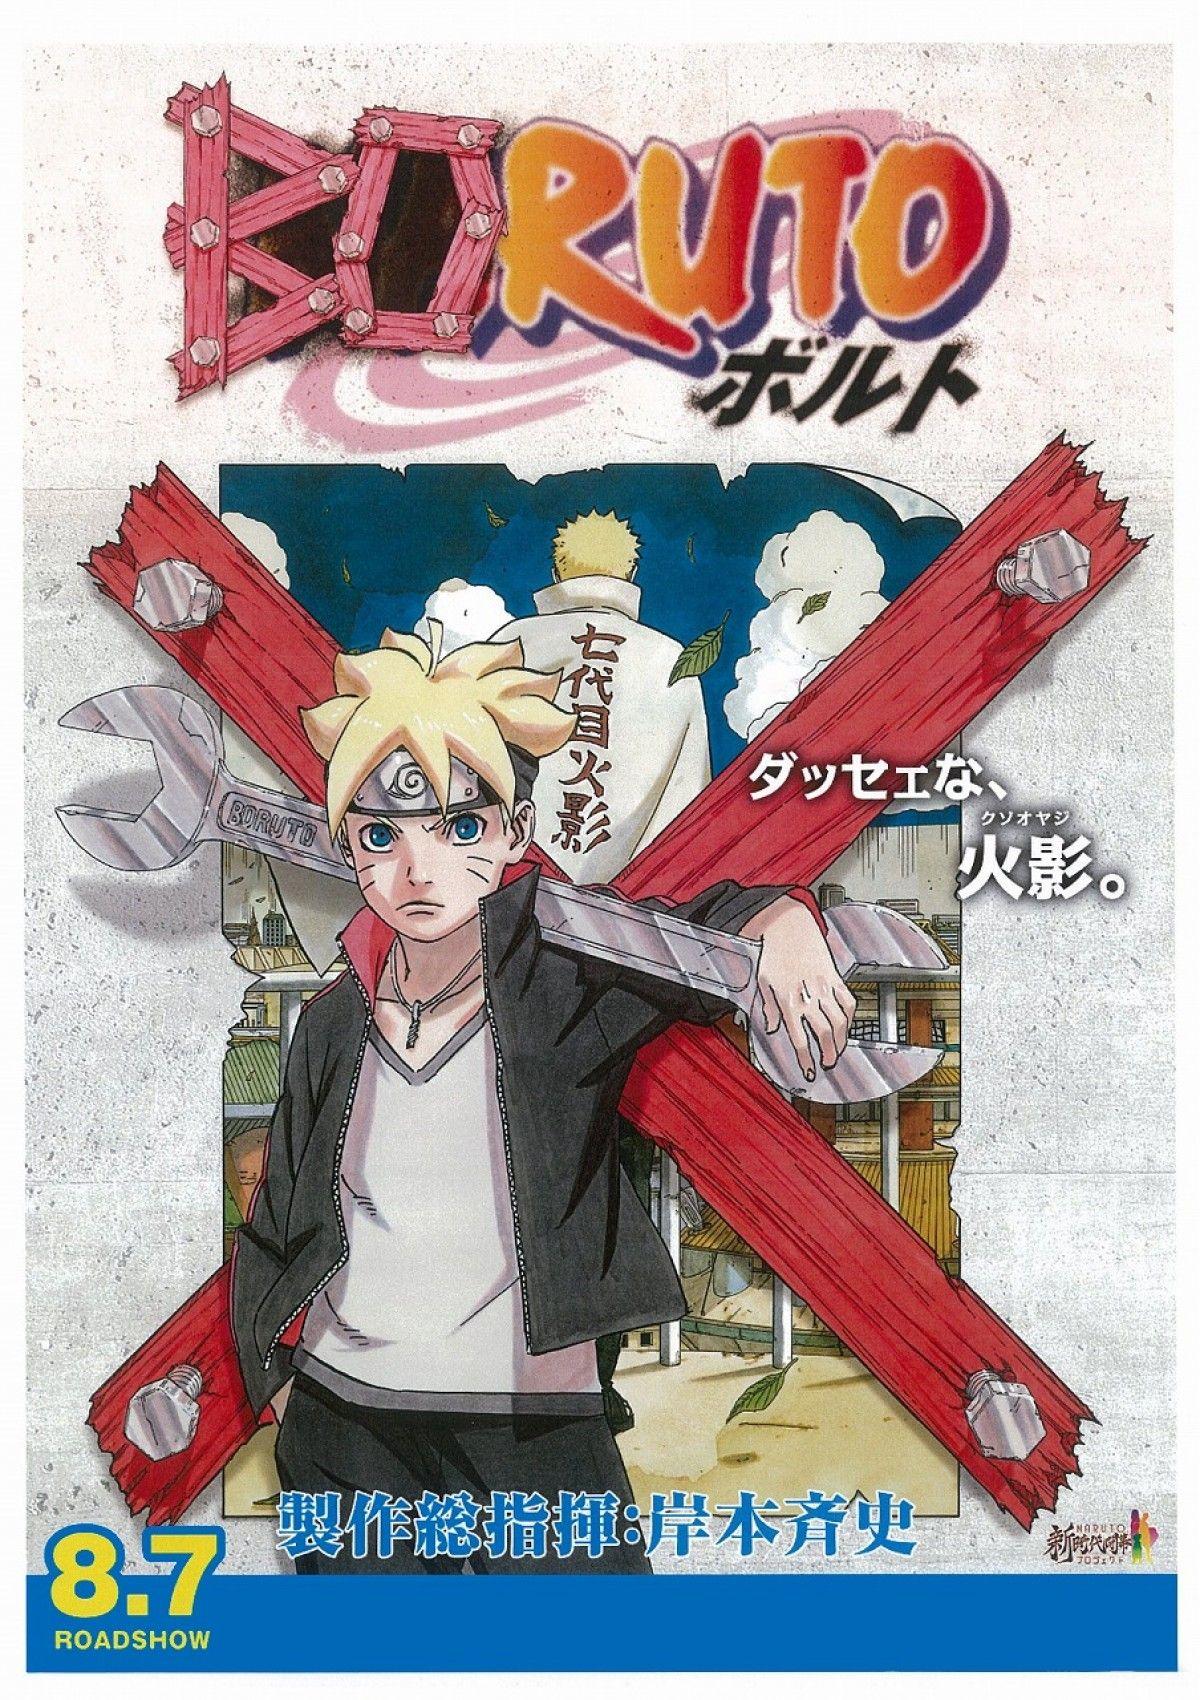 Boruto Naruto The Movie Trailer Legendado Em Ingles Naruto Filme Boruto Anime Naruto